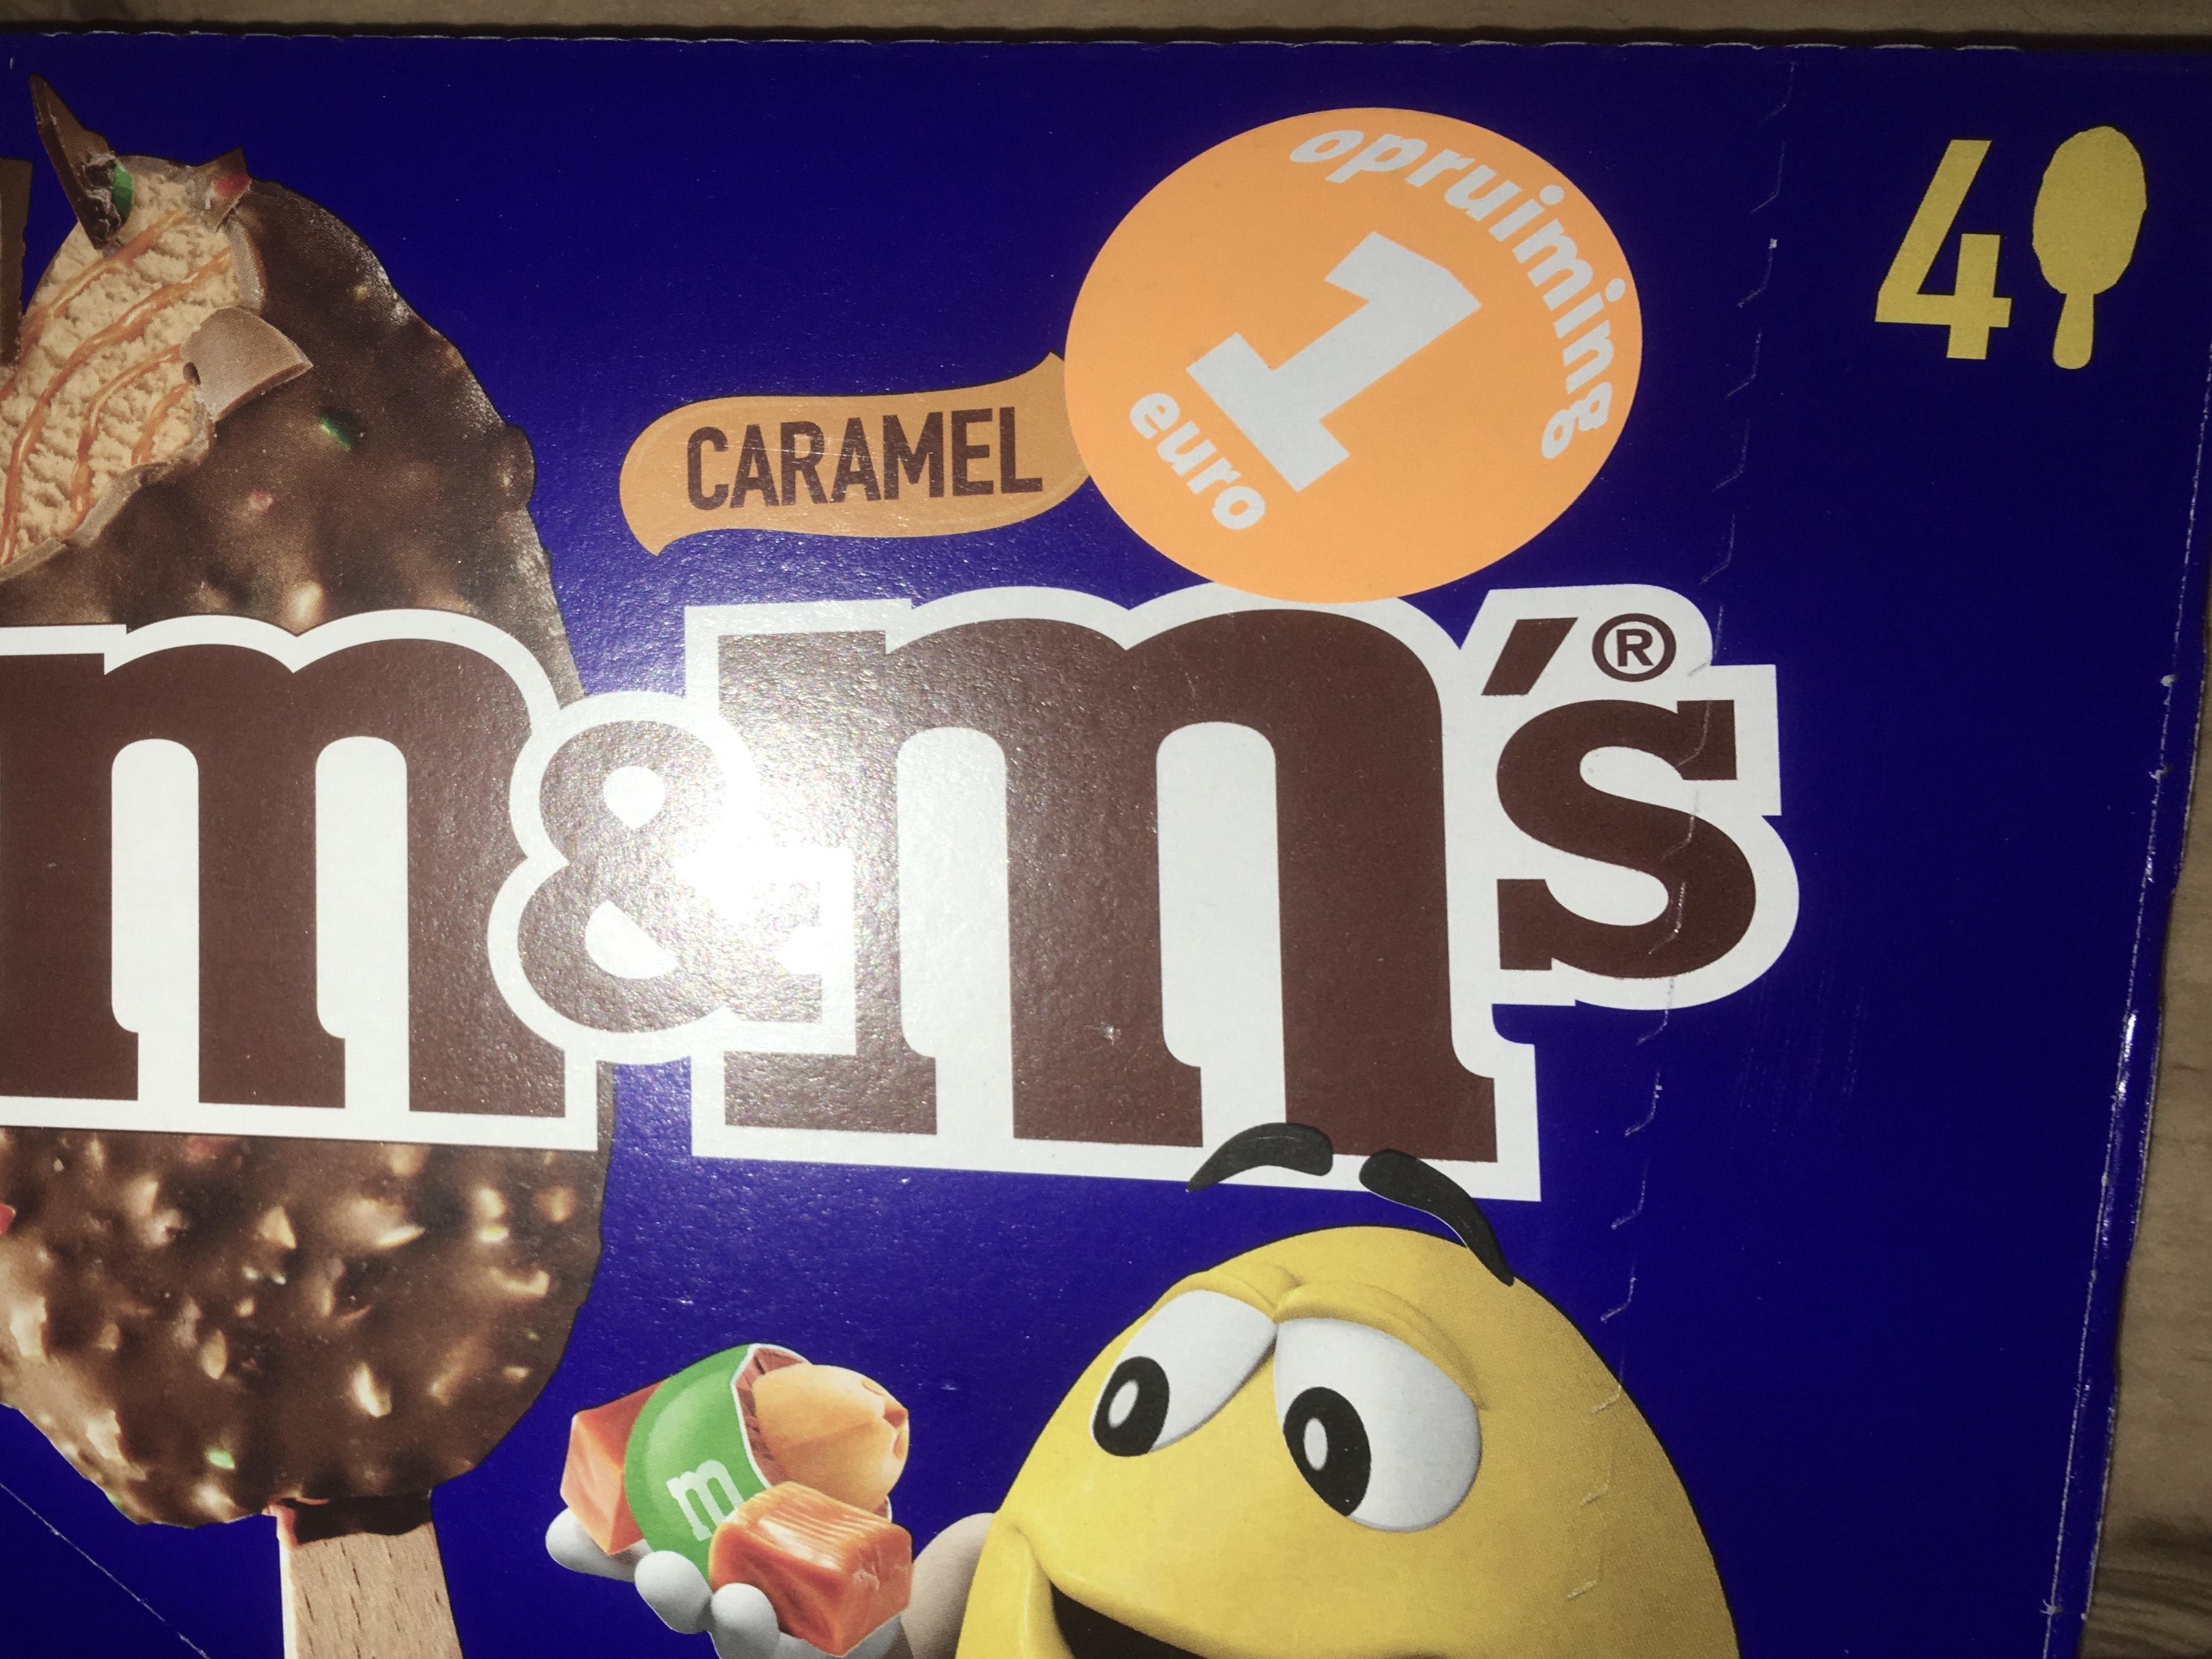 M&M's caramel ijs in de opruiming bij Jumbo (lokaal?)